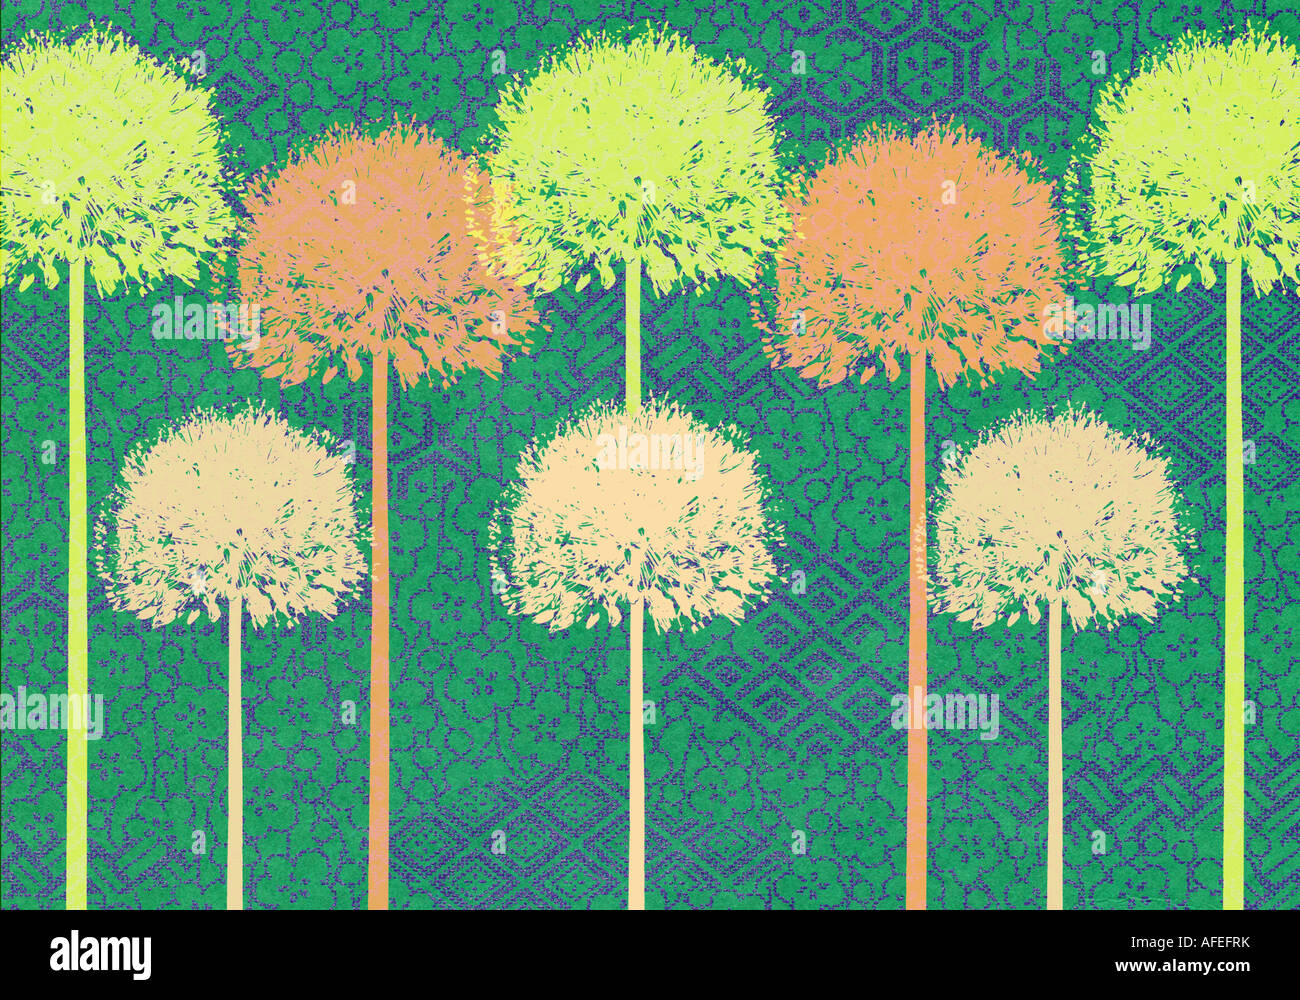 L'étape et répéter l'illustration de l'Allium Photo Stock